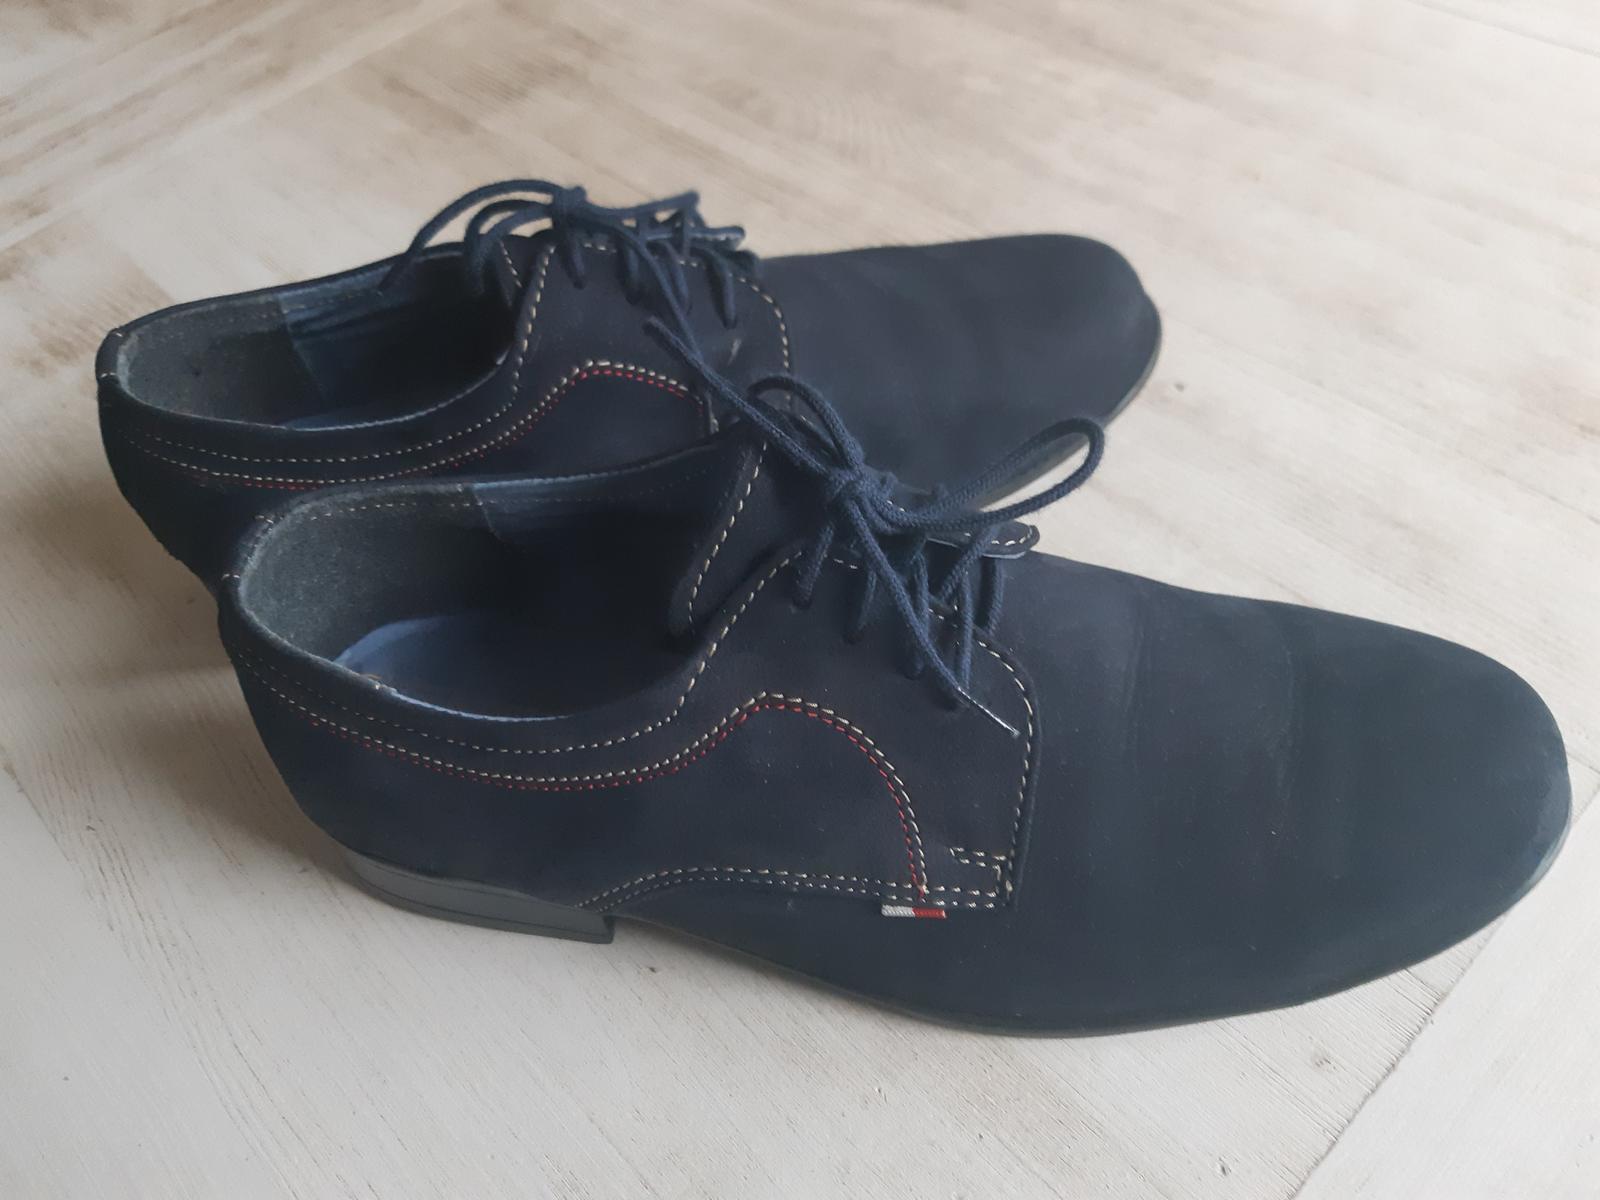 Topánky k obleku - Obrázok č. 2